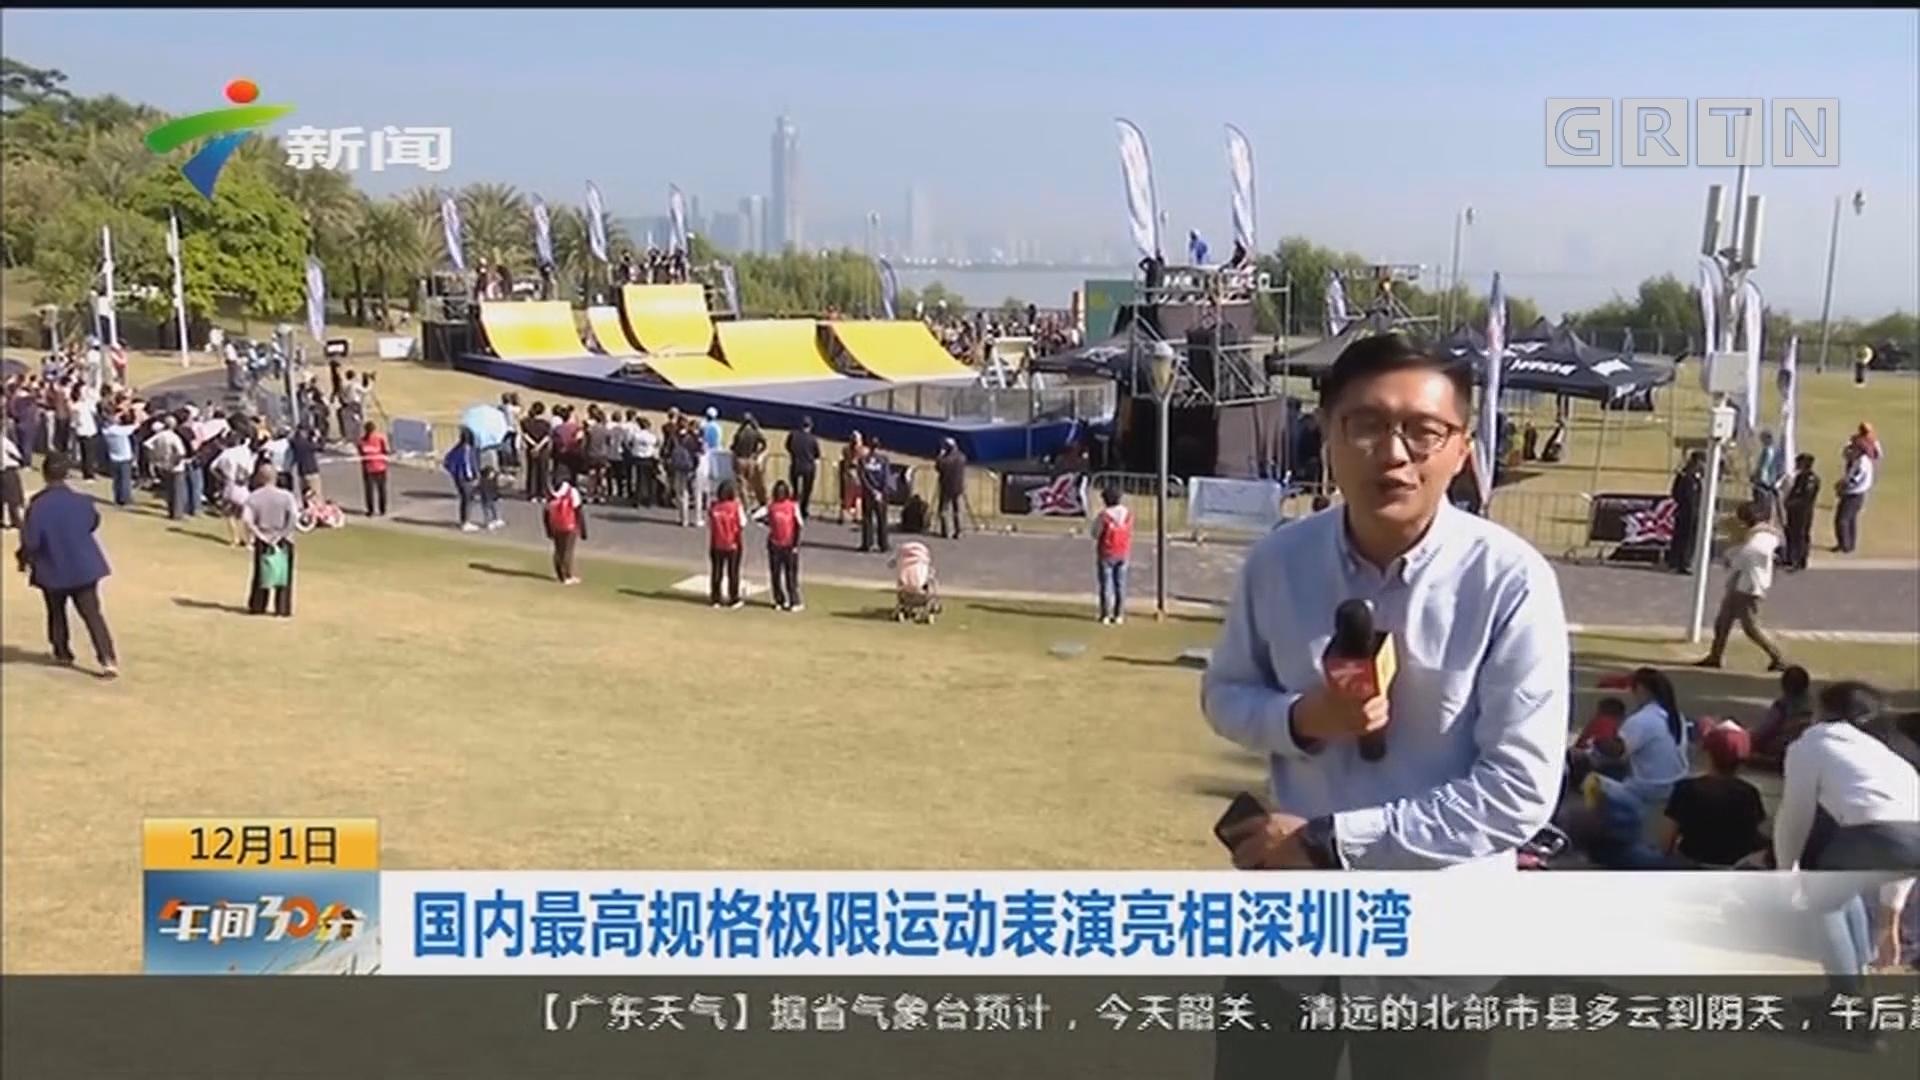 国内最高规格极限运动表演亮相深圳湾